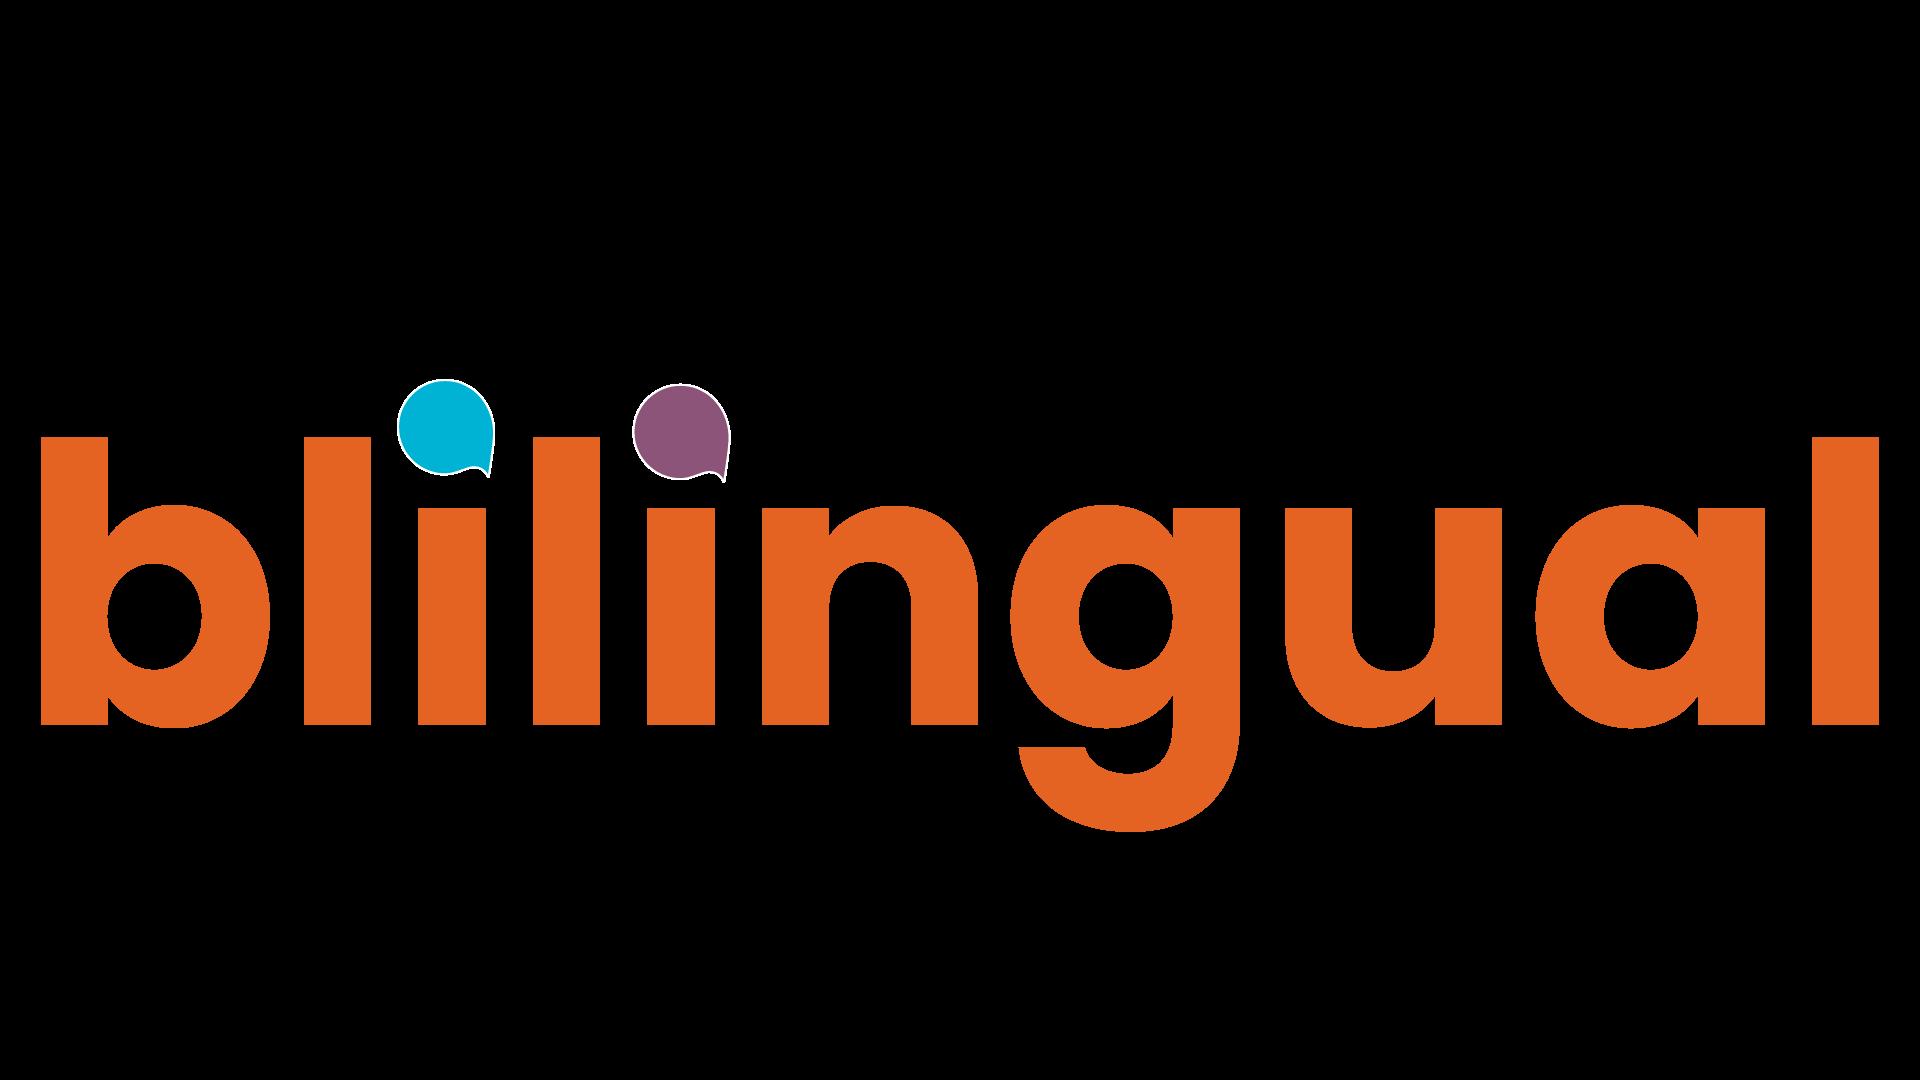 Be blilingual